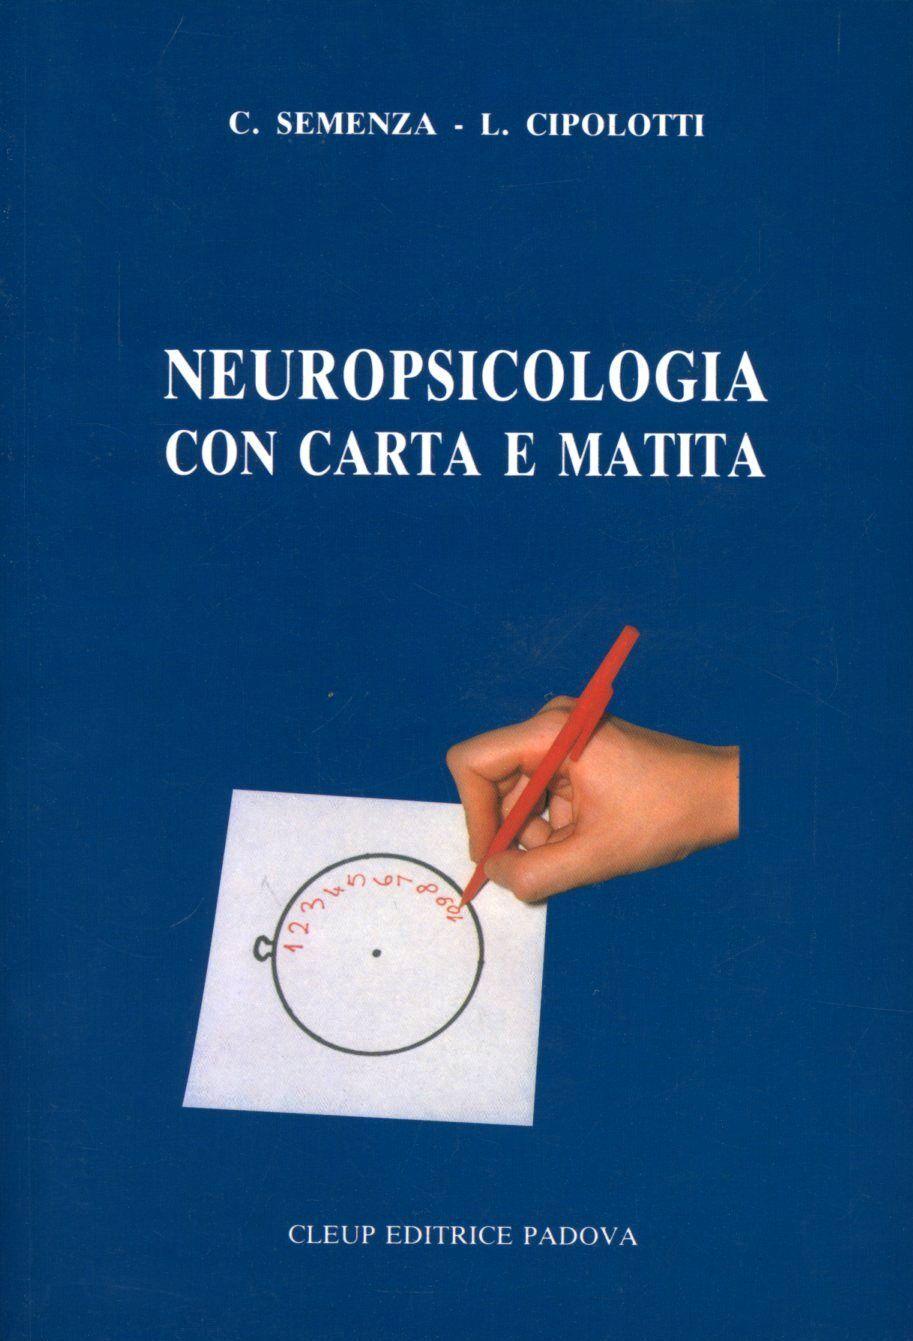 Neuropsicologia con carta e matita